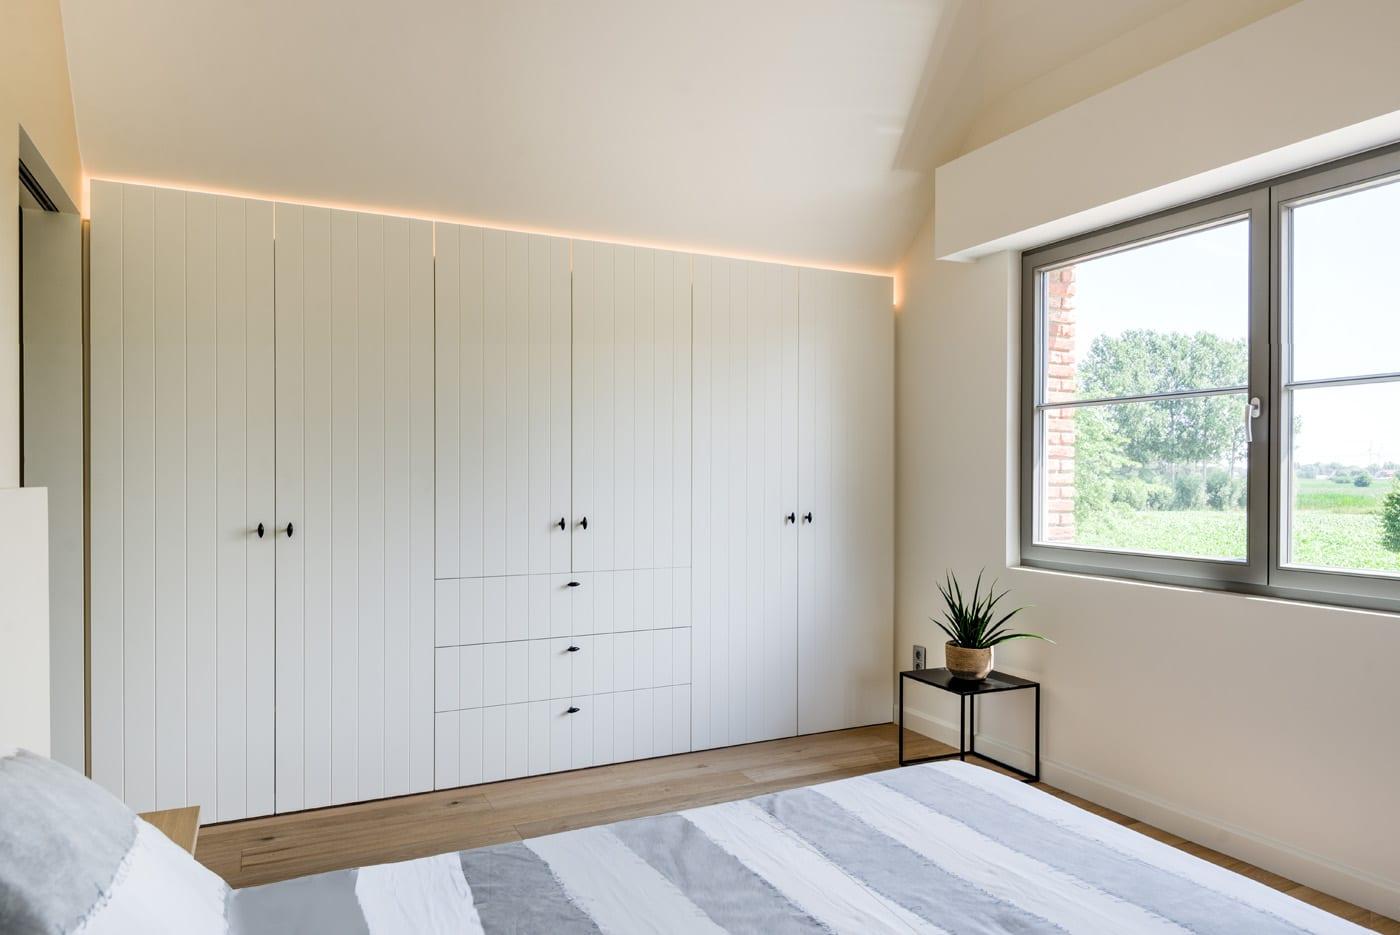 Landelijke maatkast in slaapkamer met verlichting